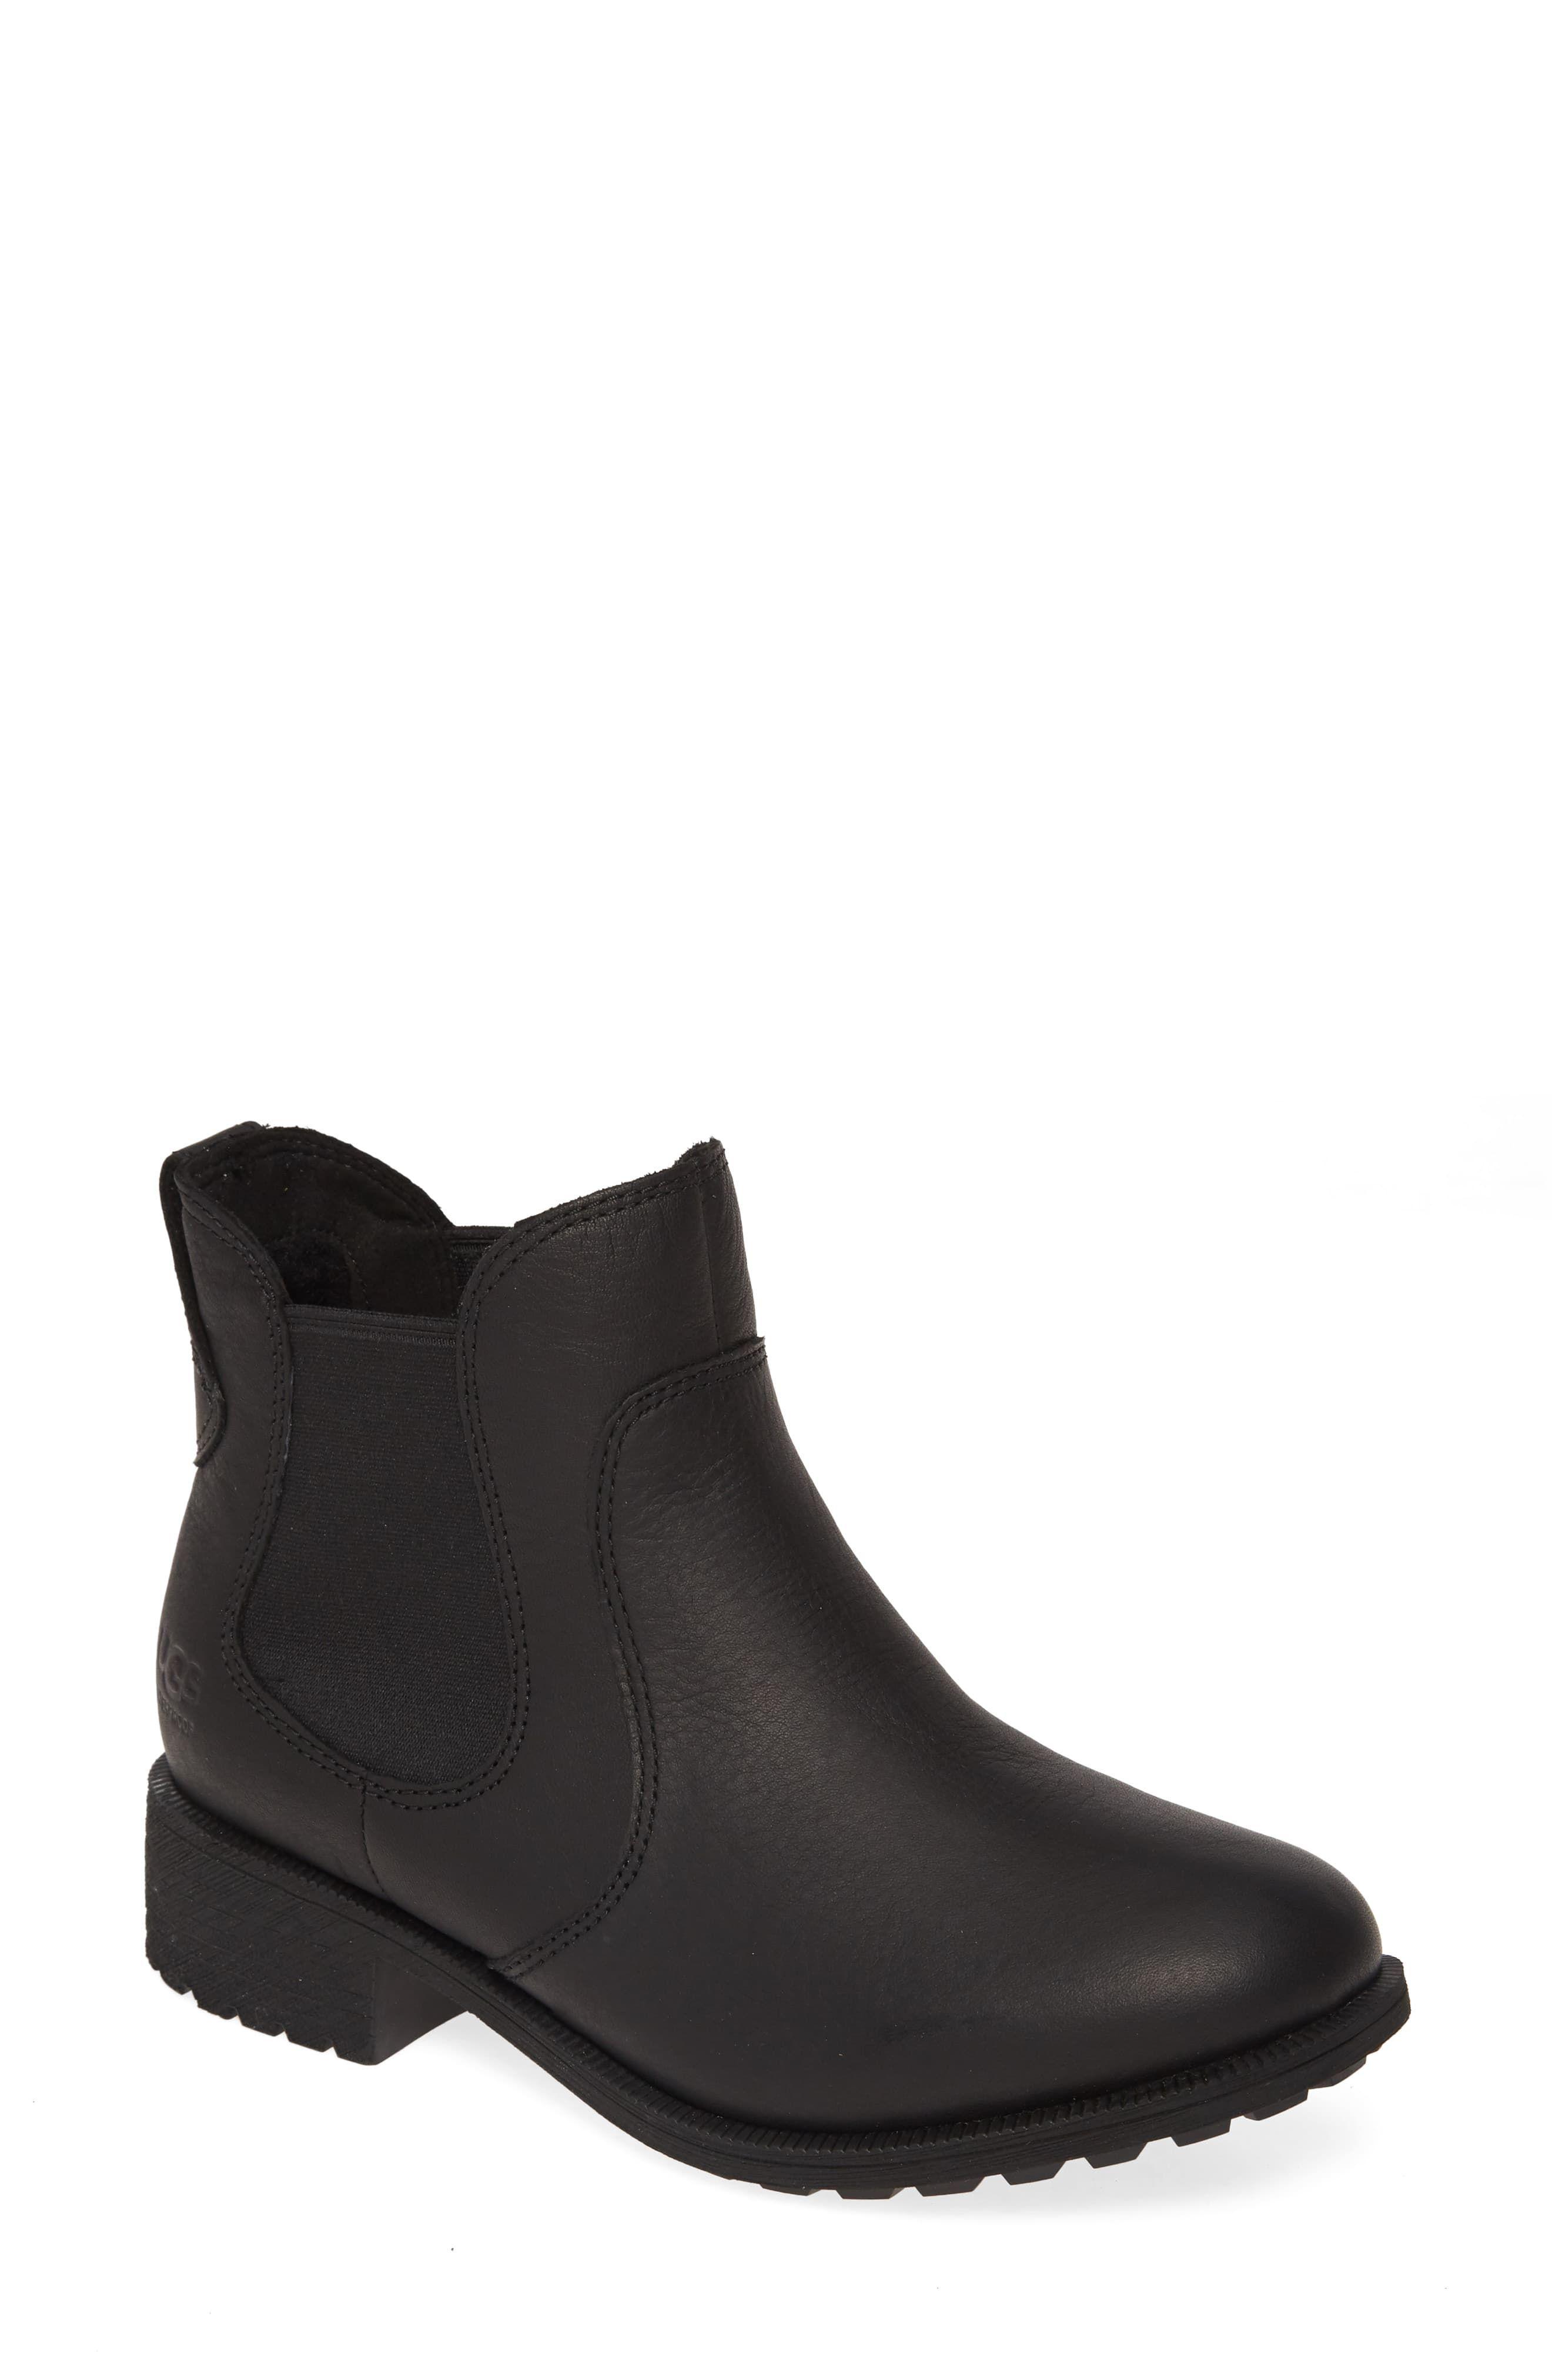 Women S Ugg Bonham Iii Waterproof Chelsea Boot Size 8 5 M Brown In 2020 Chelsea Boots Boots Black Chelsea Boots